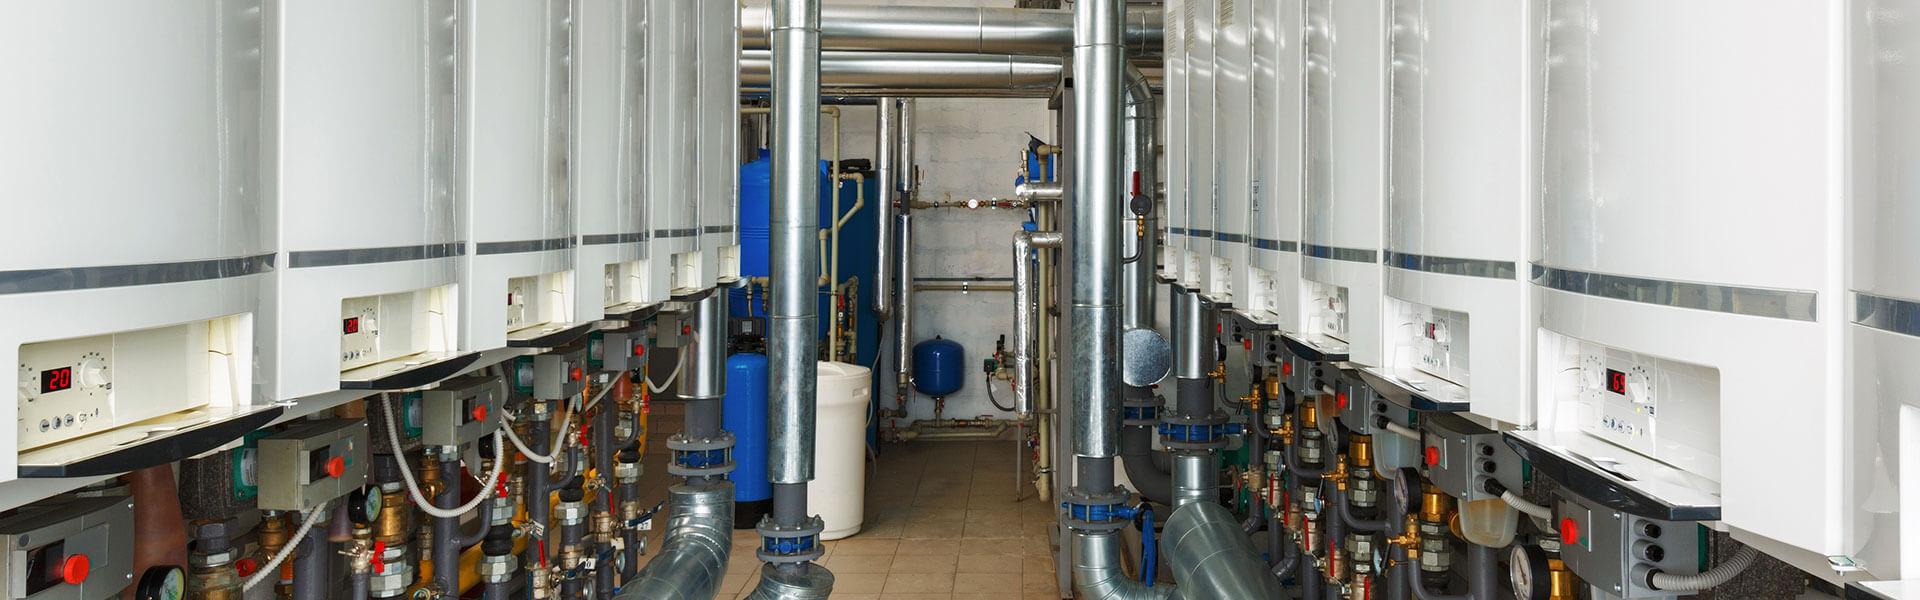 Társasházkezelőknek - Heating Service 2000 Kft - Vécses